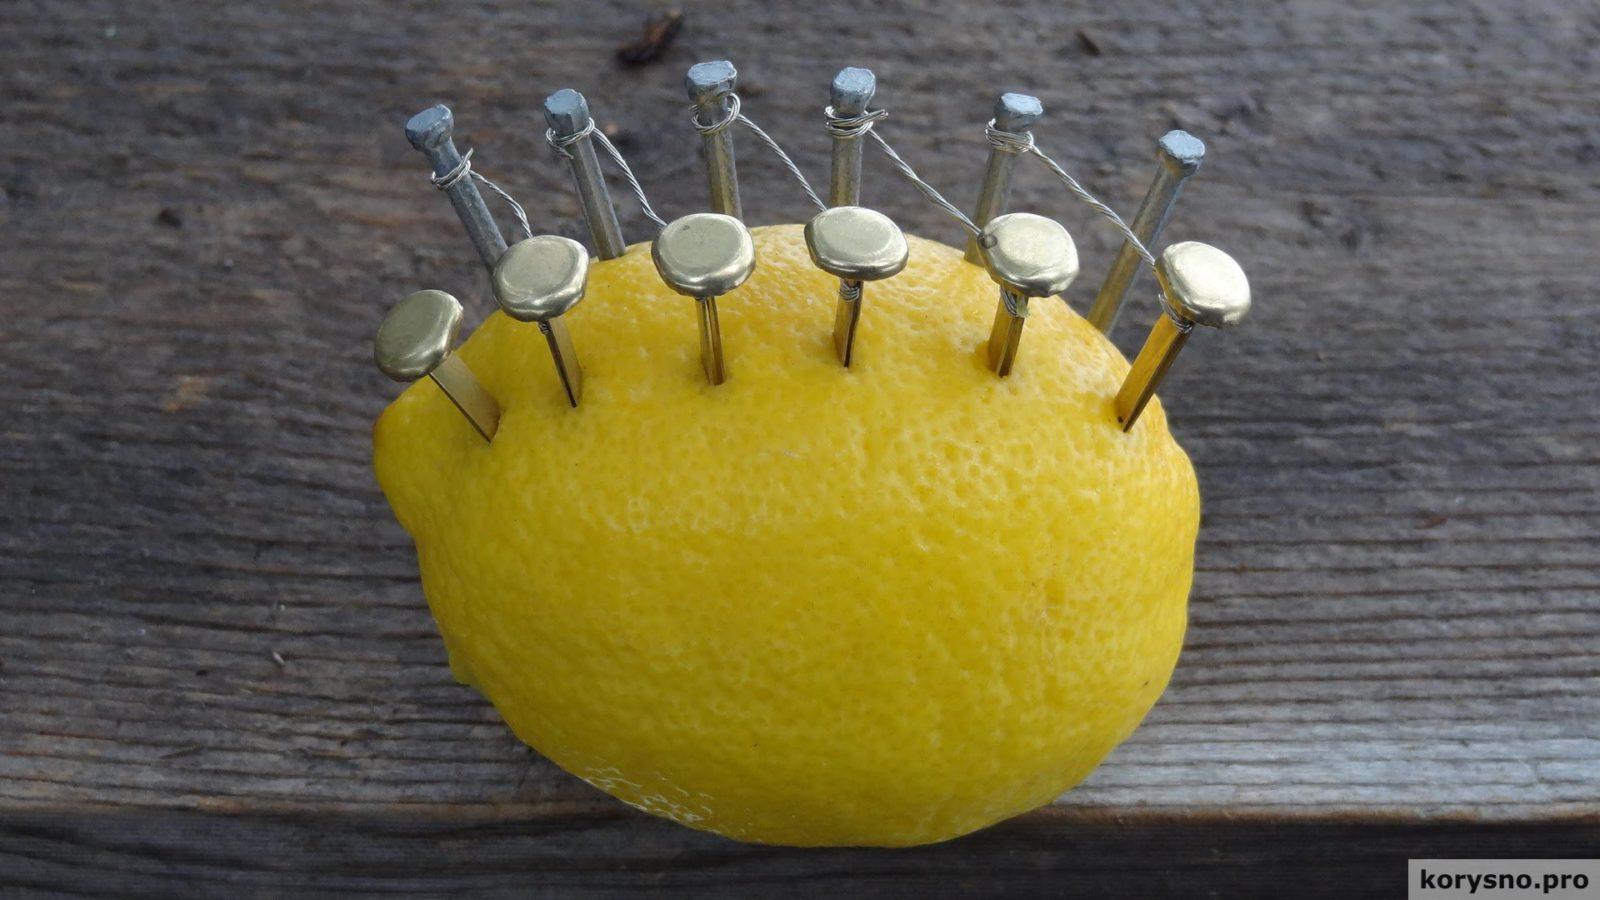 Он воткнул в лимон гвозди и кнопки. Через несколько минут произошло нечто потрясающее!